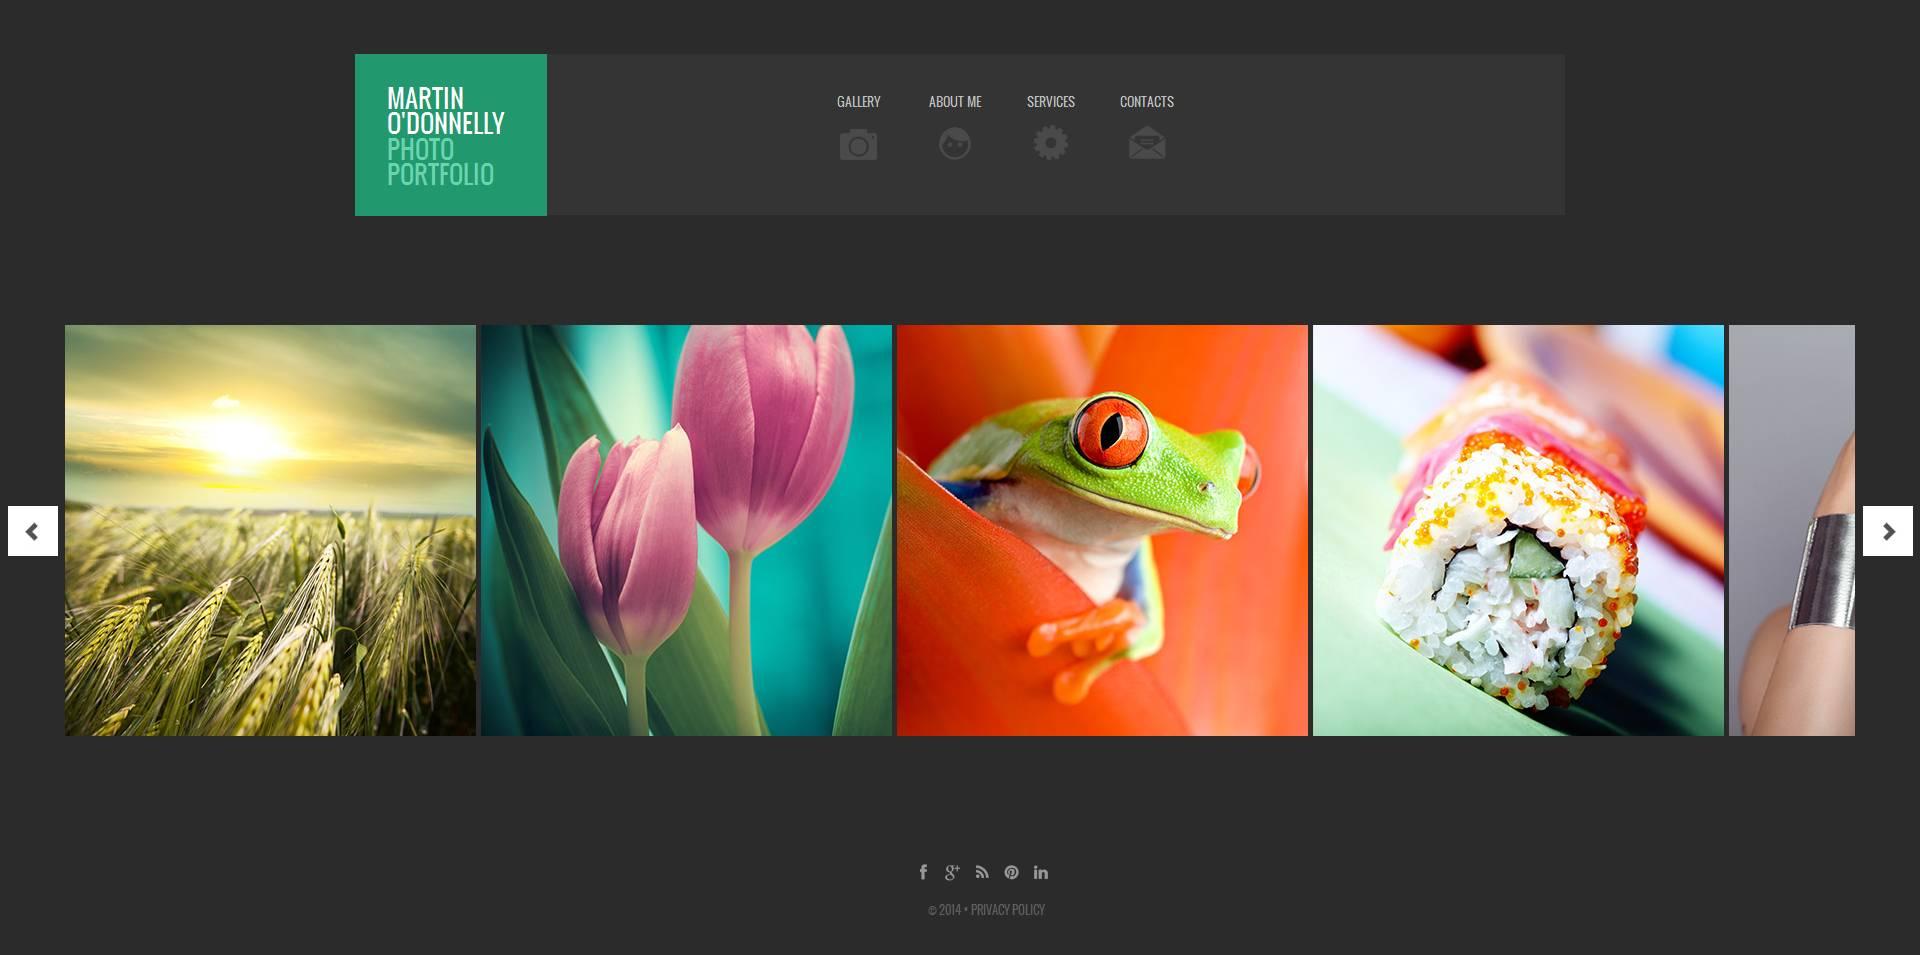 Plantilla Moto CMS HTML #51703 para Sitio de Portafolios de fotógrafos - captura de pantalla